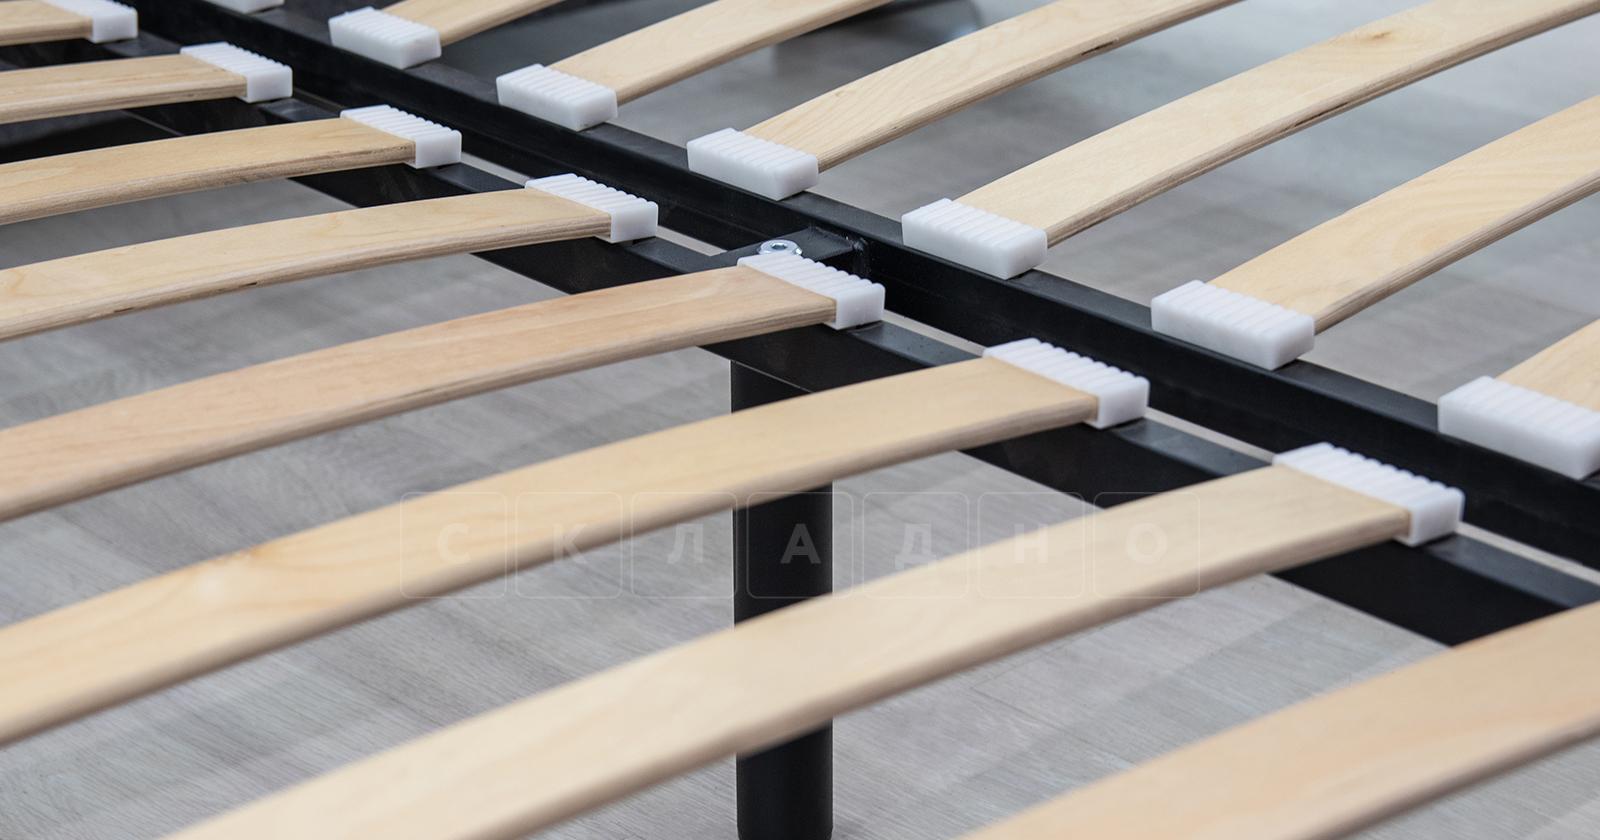 Мягкая кровать Оливия 160 см экокожа шоколад фото 14 | интернет-магазин Складно